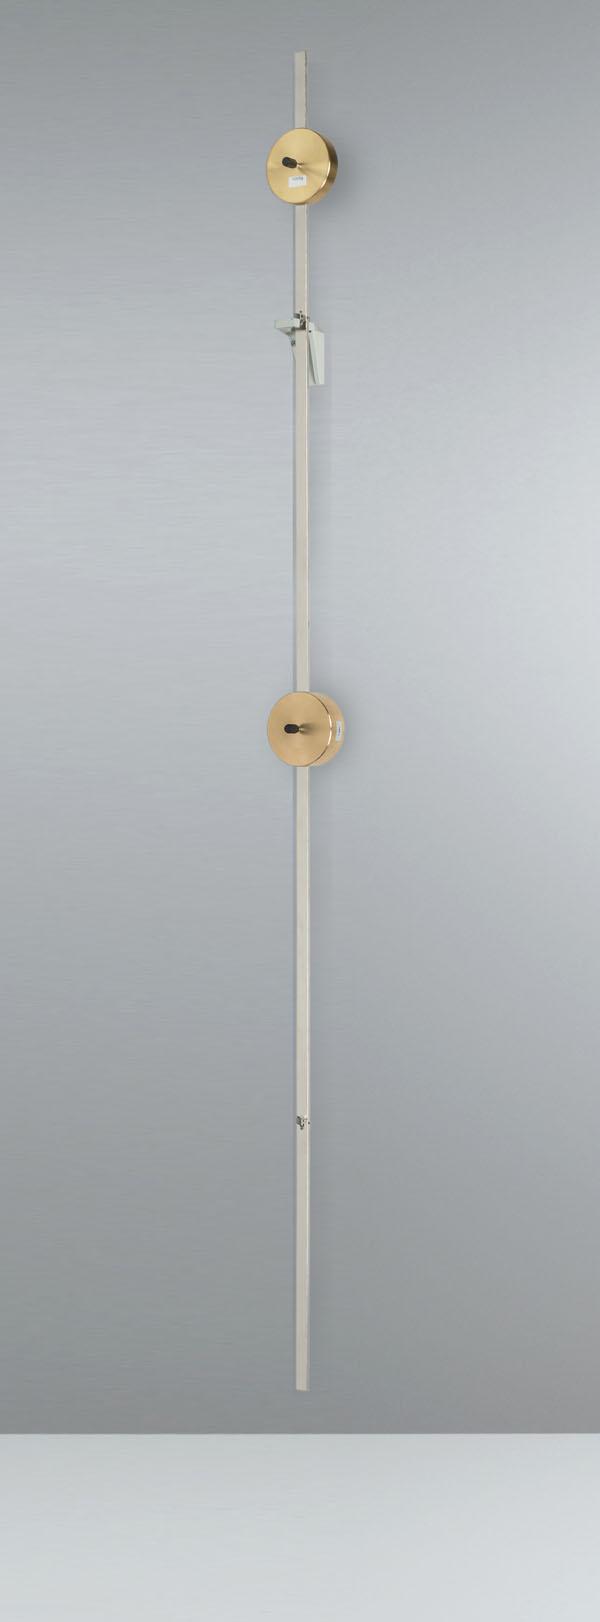 Bestimmung der Erdbeschleunigung mit einem Reversionspendel